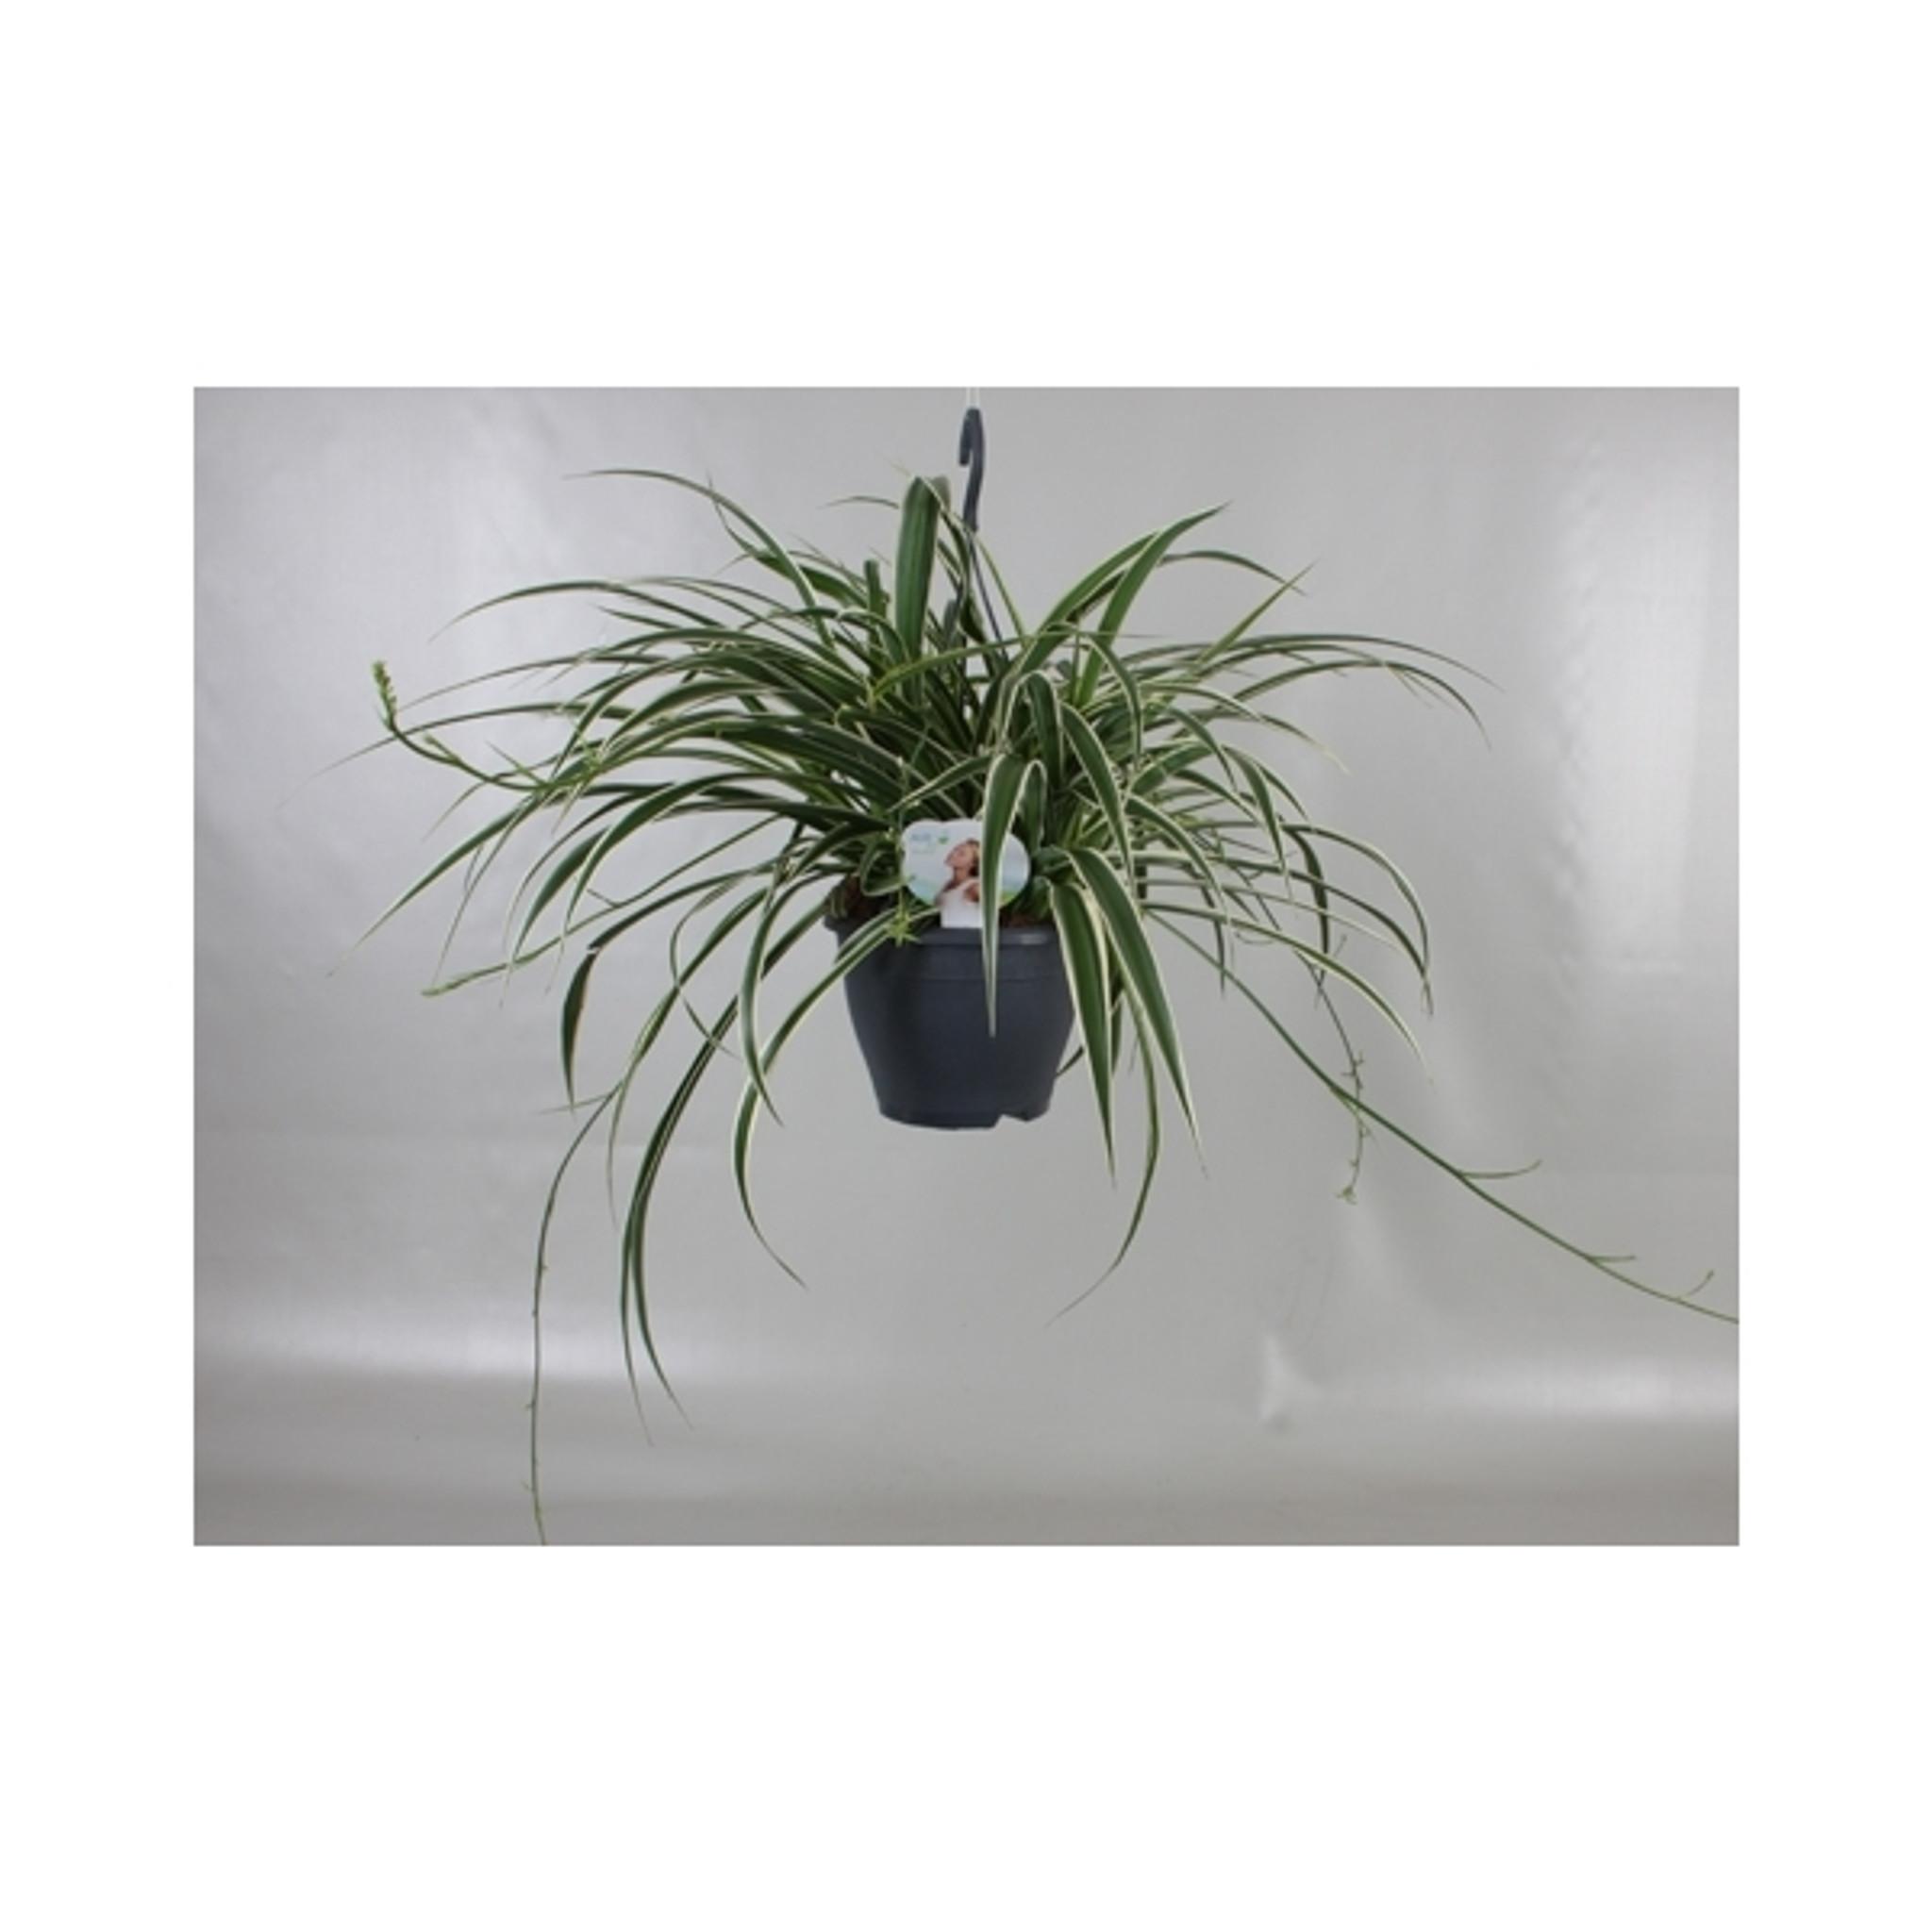 Large Variegated Spider plant Chlorophytum comosum hanging basket